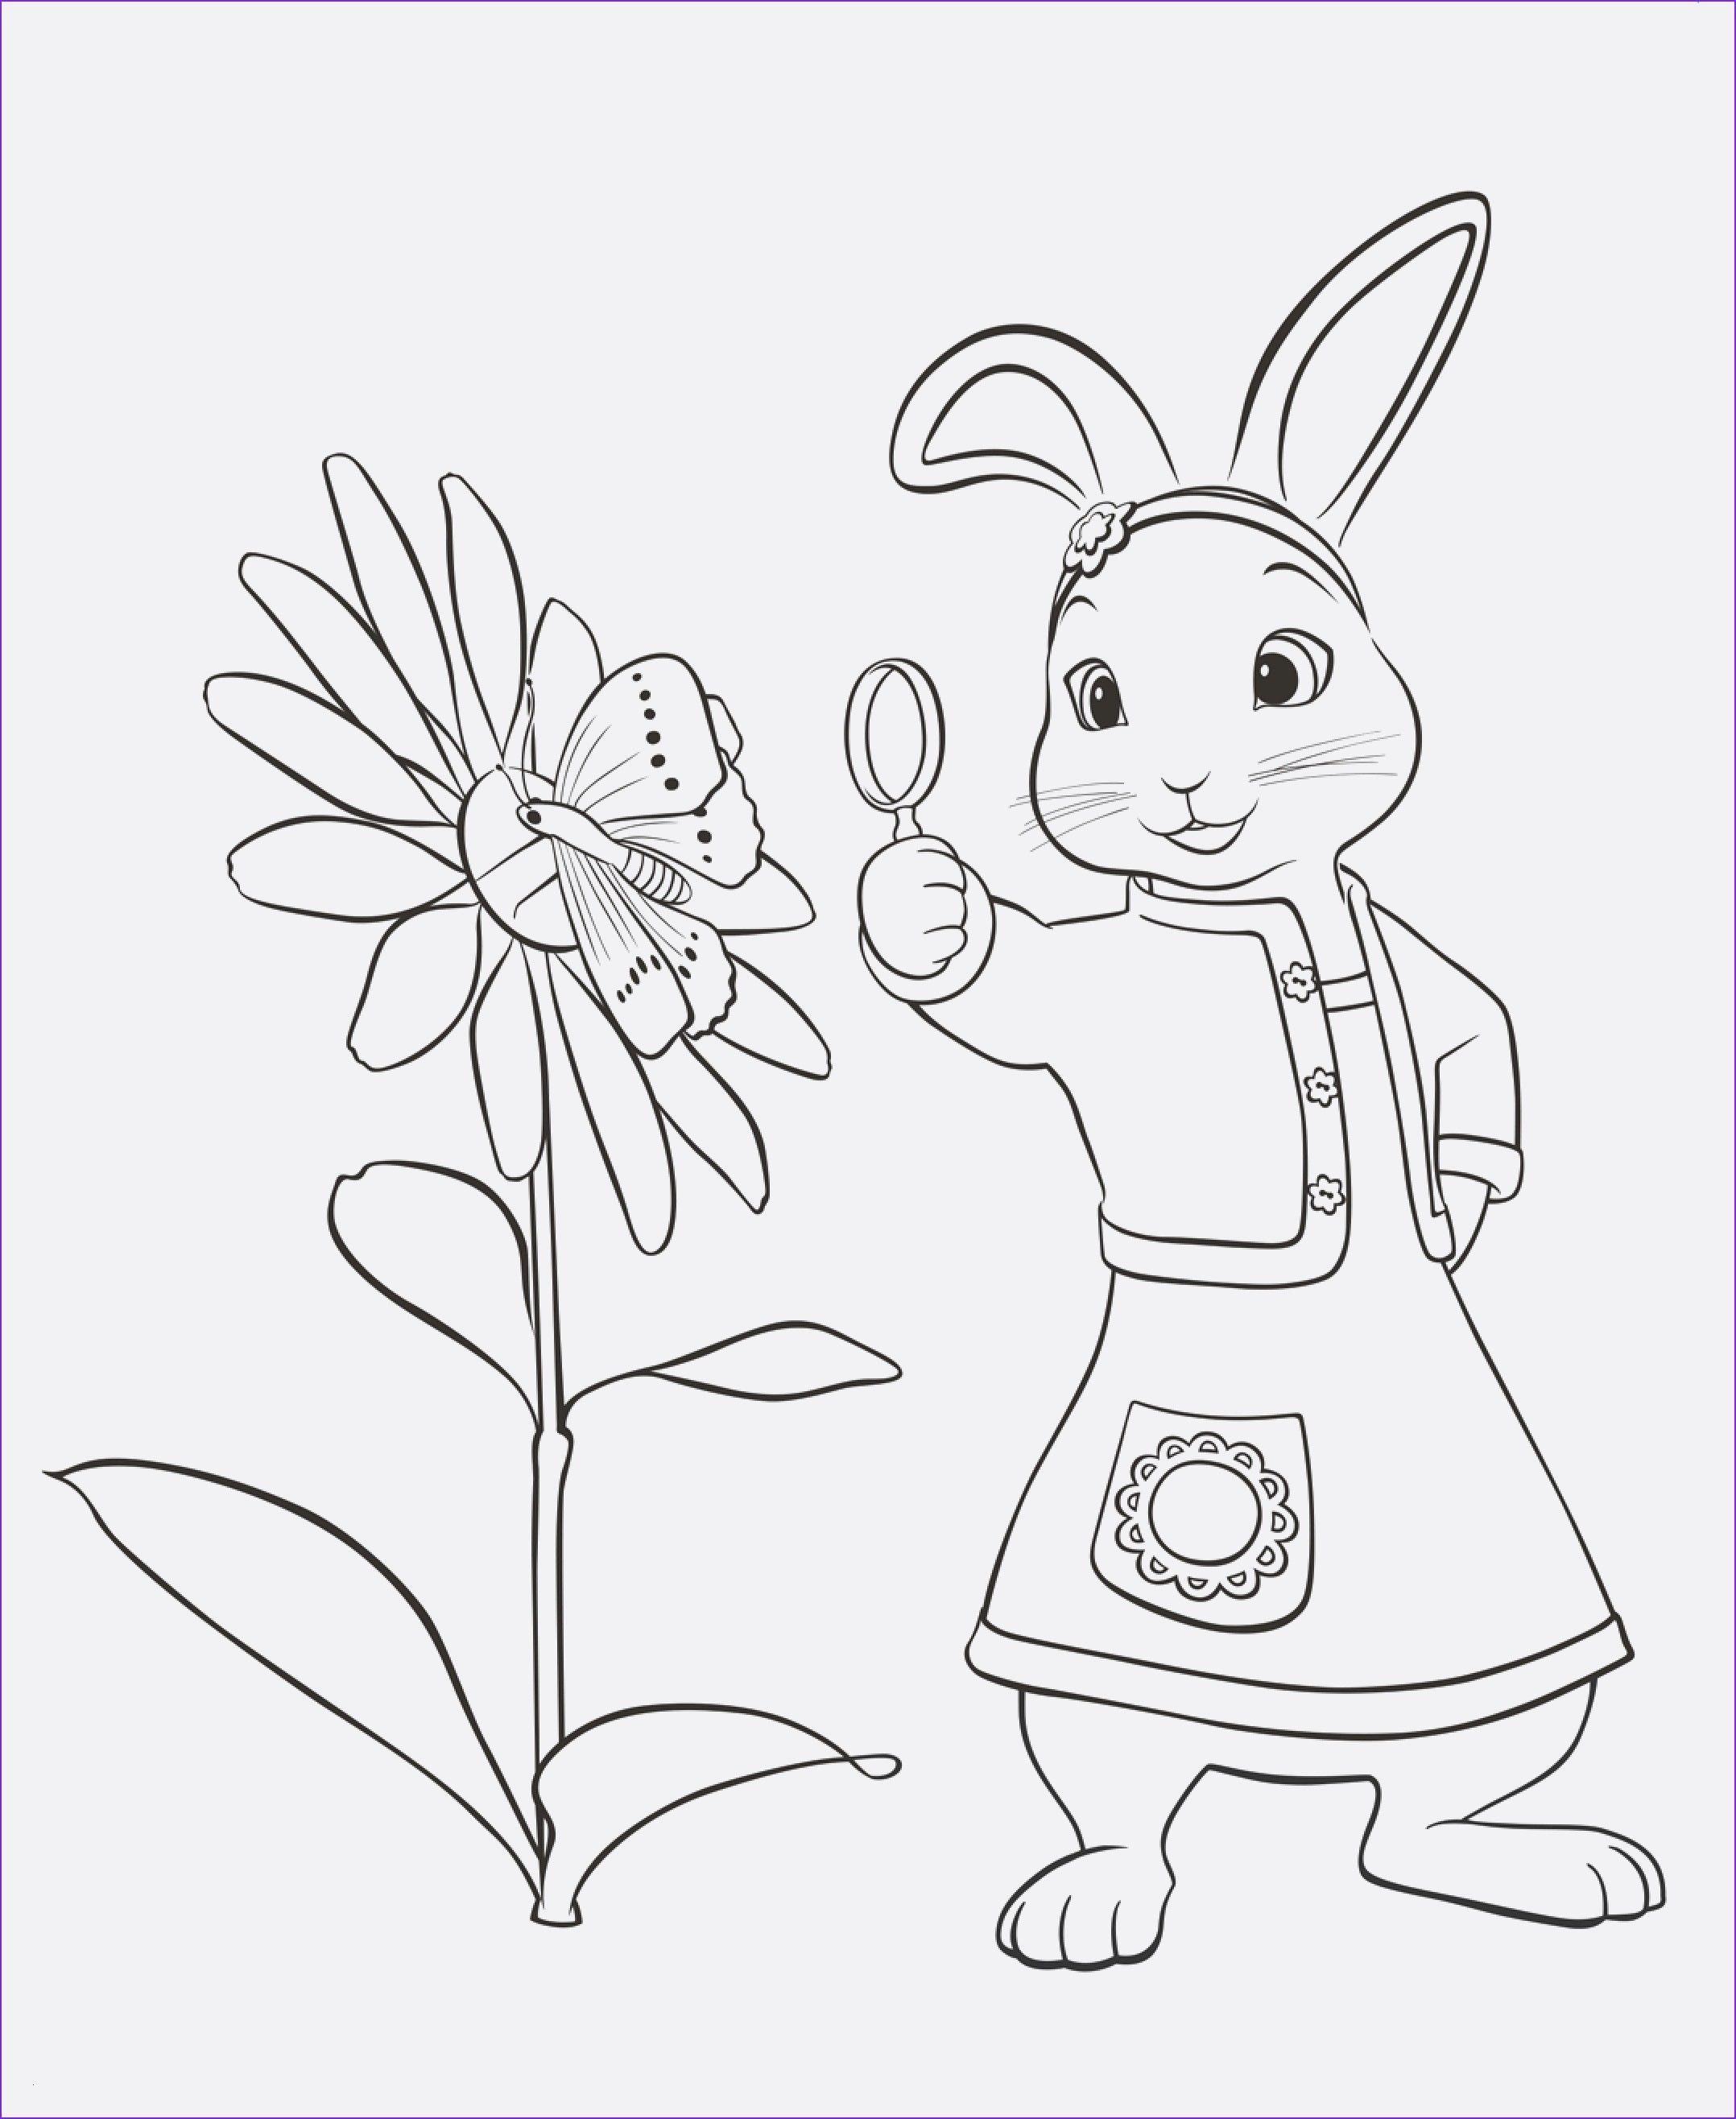 bilder zum ausmalen tiere bauernhof  kinder zeichnen und